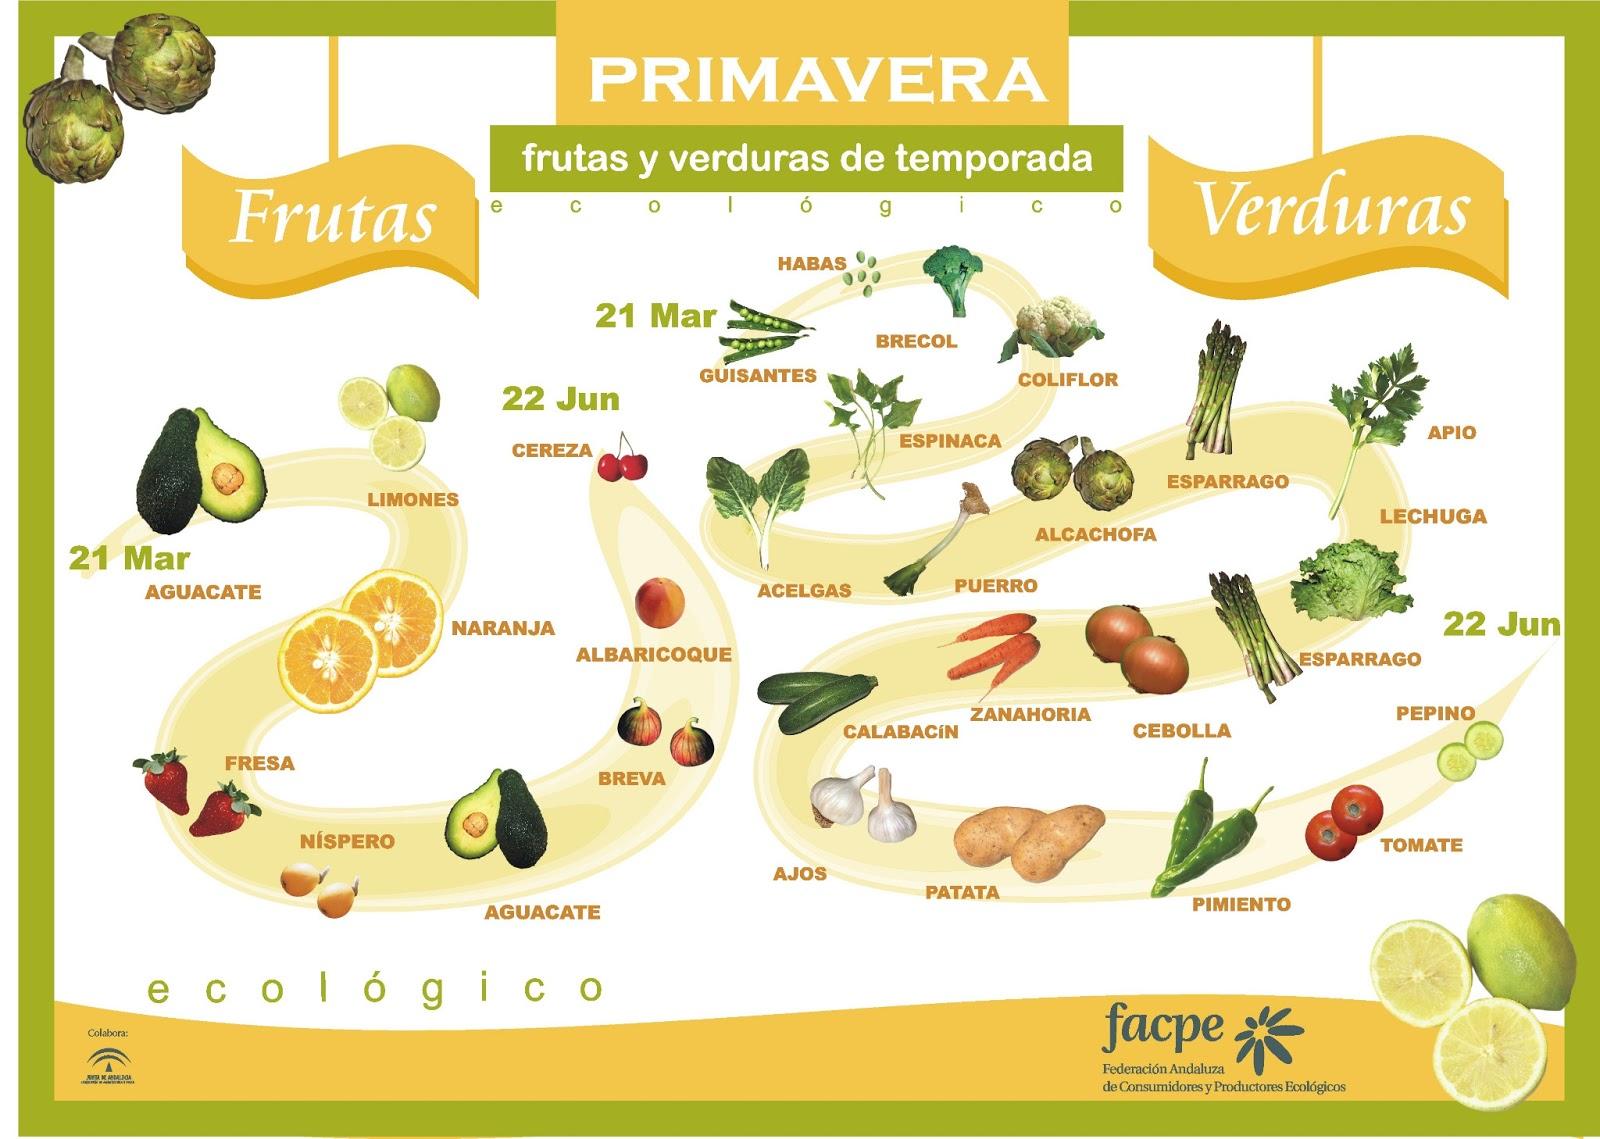 Las frutas y verduras de temporada de primavera (gráfico)